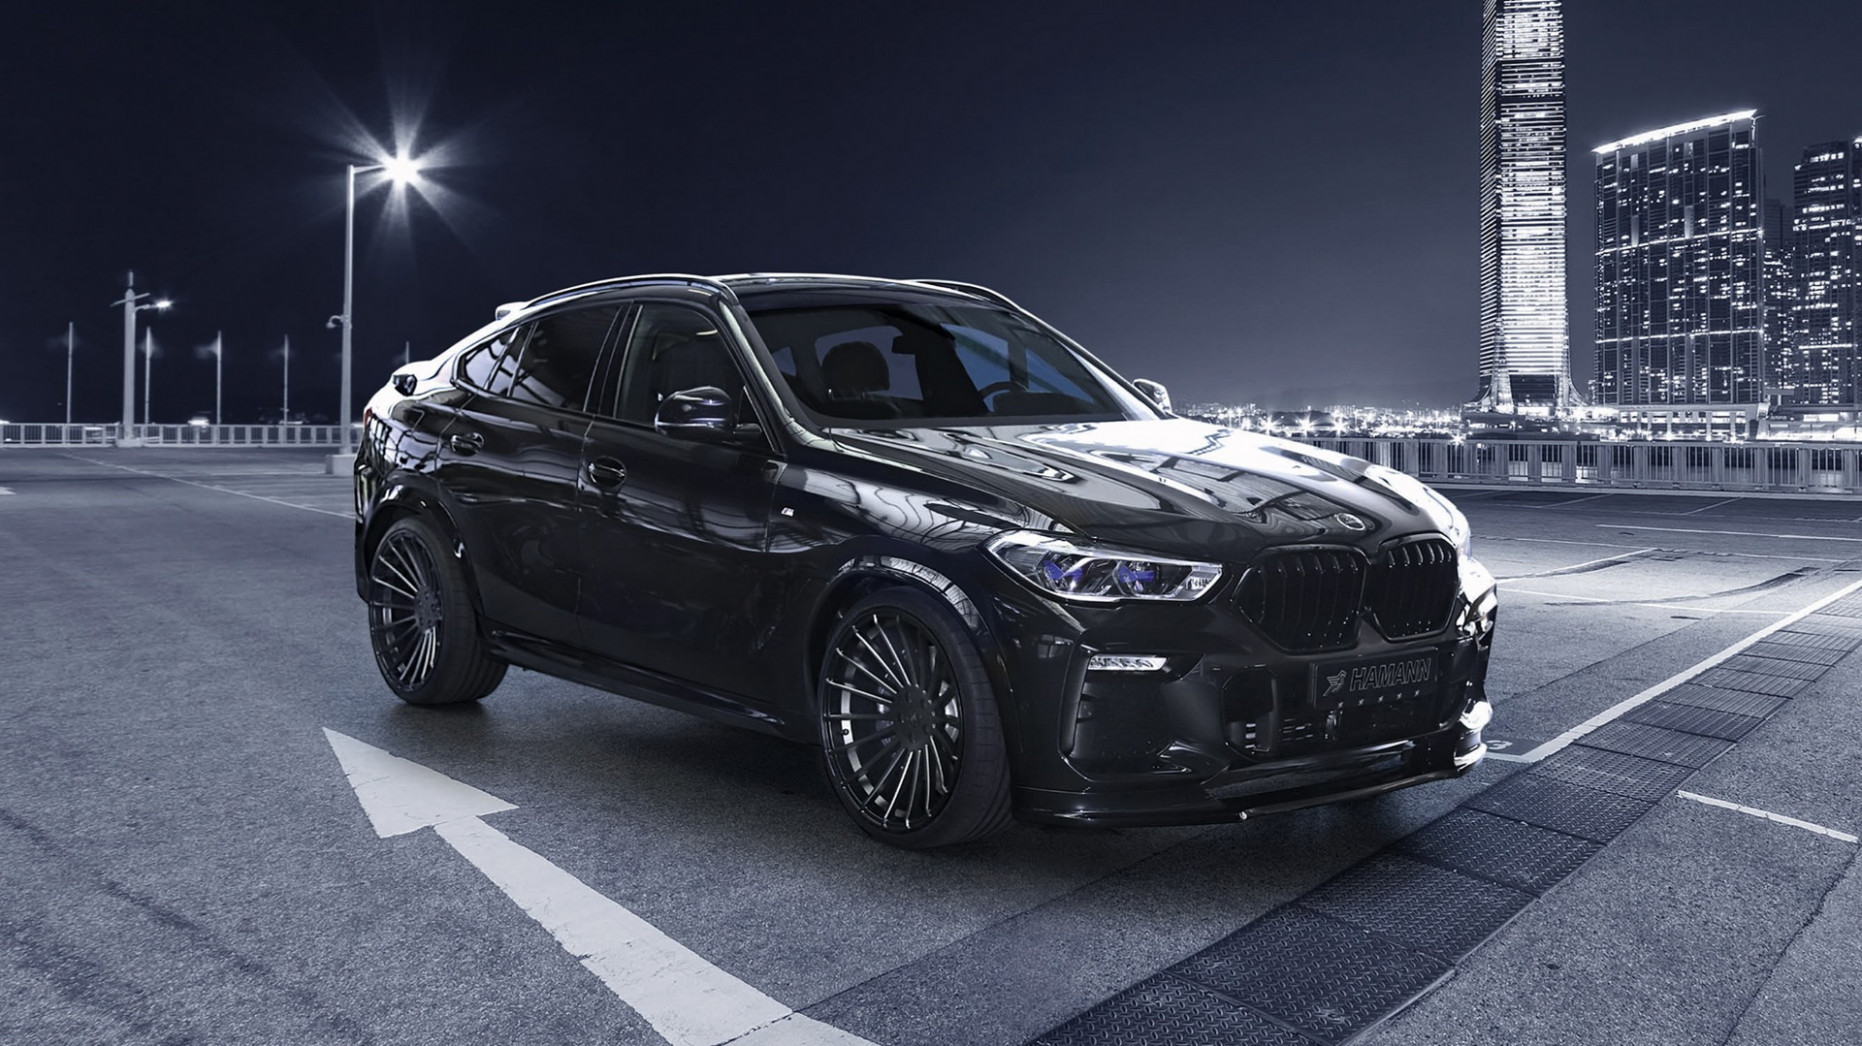 Concept 2022 BMW X6